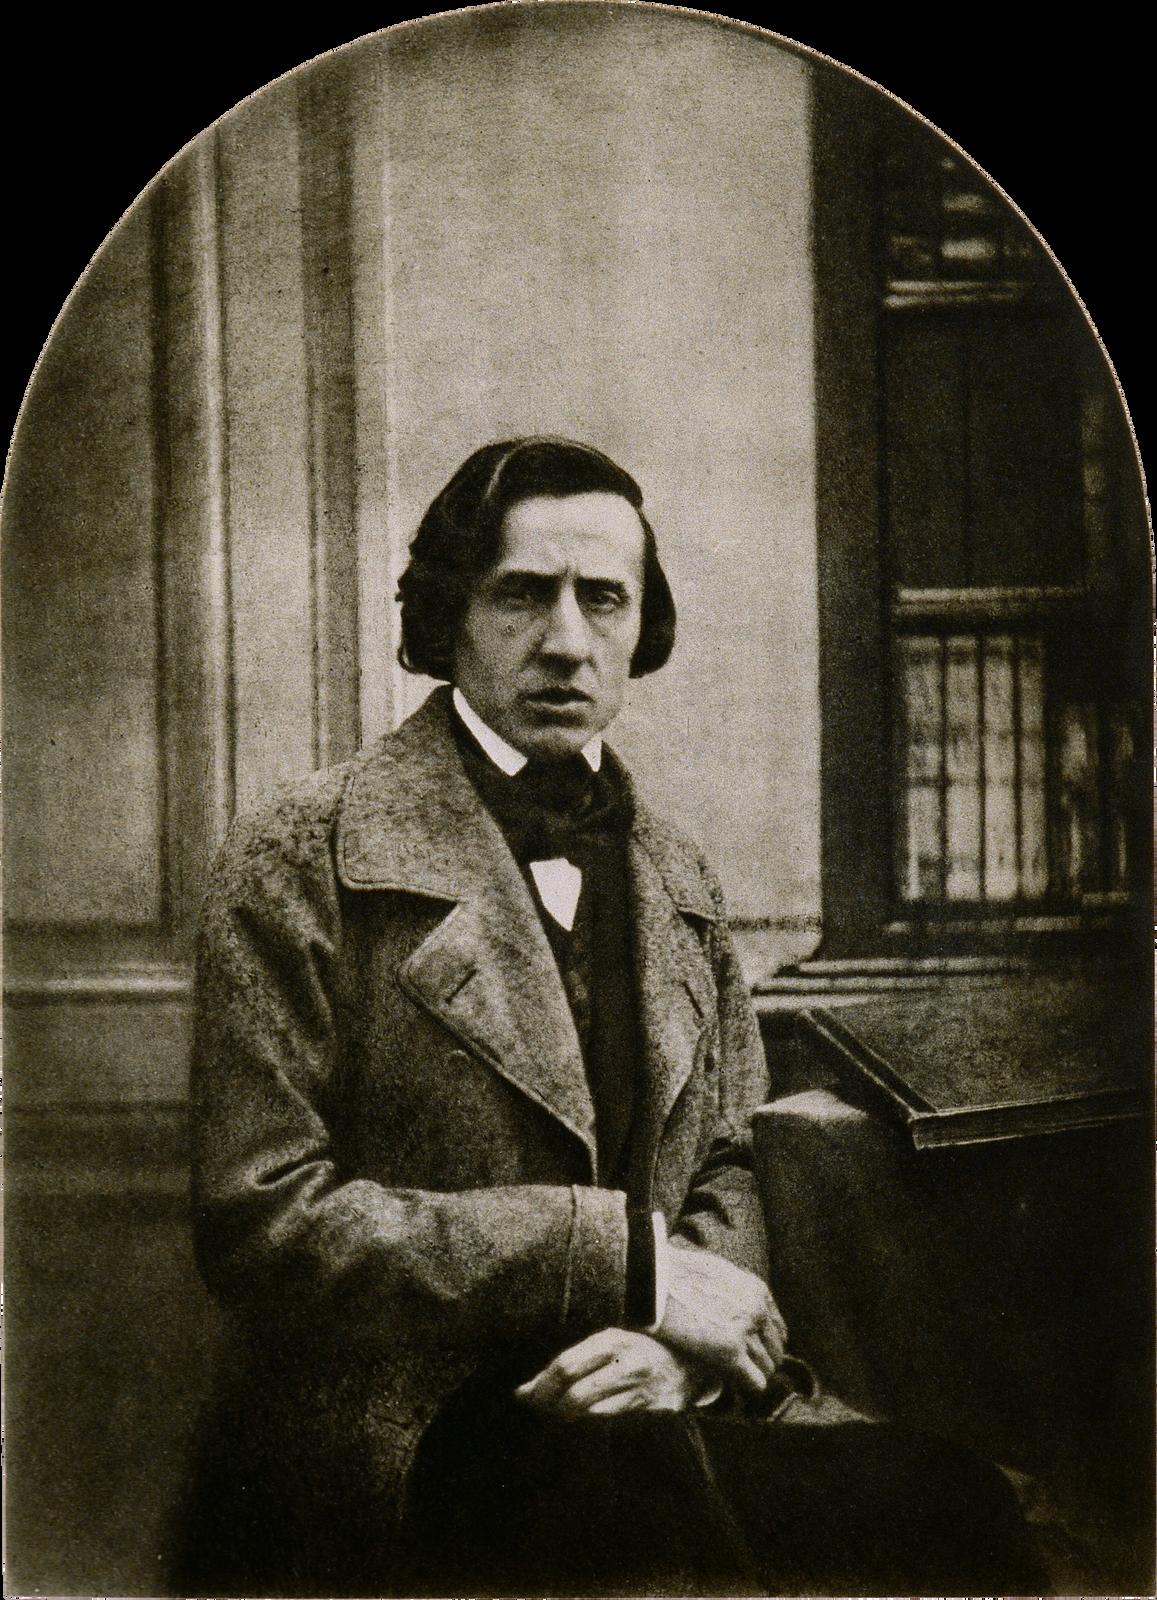 Portret Fryderyka Chopina Louis-Auguste Bisson(1814–1876; czyt.: lui-august bison) – francuski fotograf Źródło: Louis-Auguste Bisson, Portret Fryderyka Chopina, 1847, .zaginiony, reprint z1937 roku, dagerotyp , Biblioteka Polska, Paryż, domena publiczna.